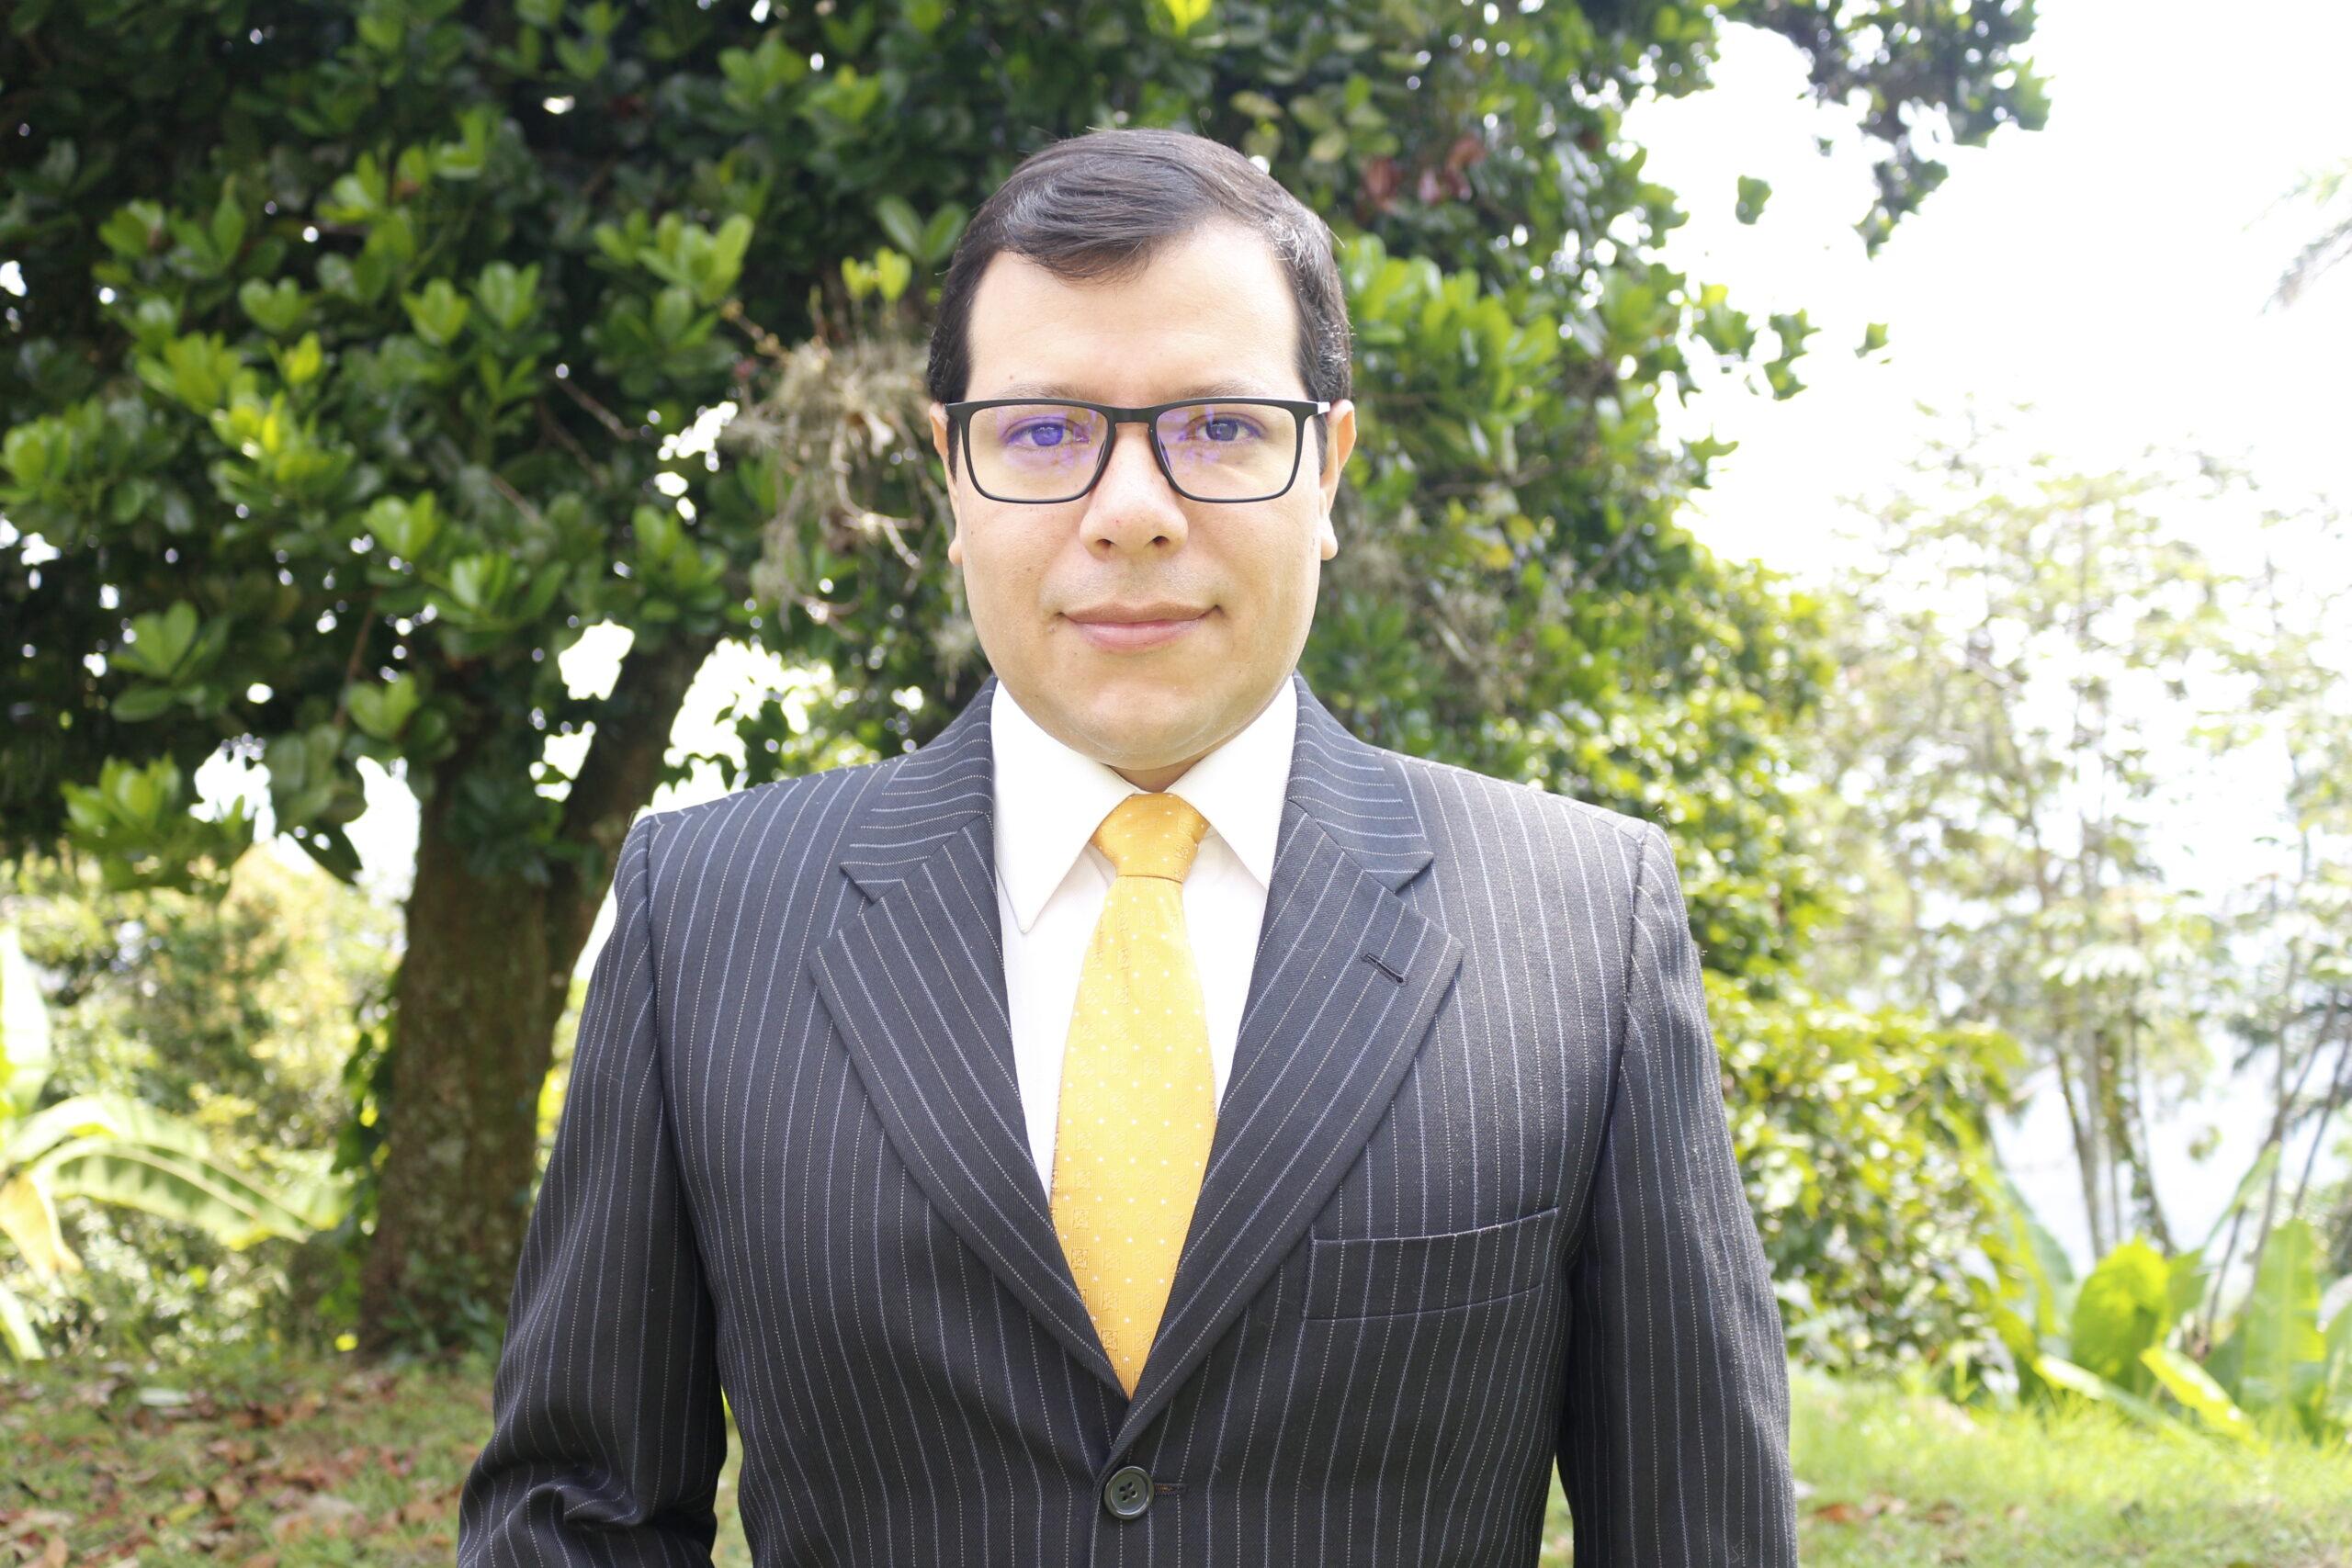 8. Carlos